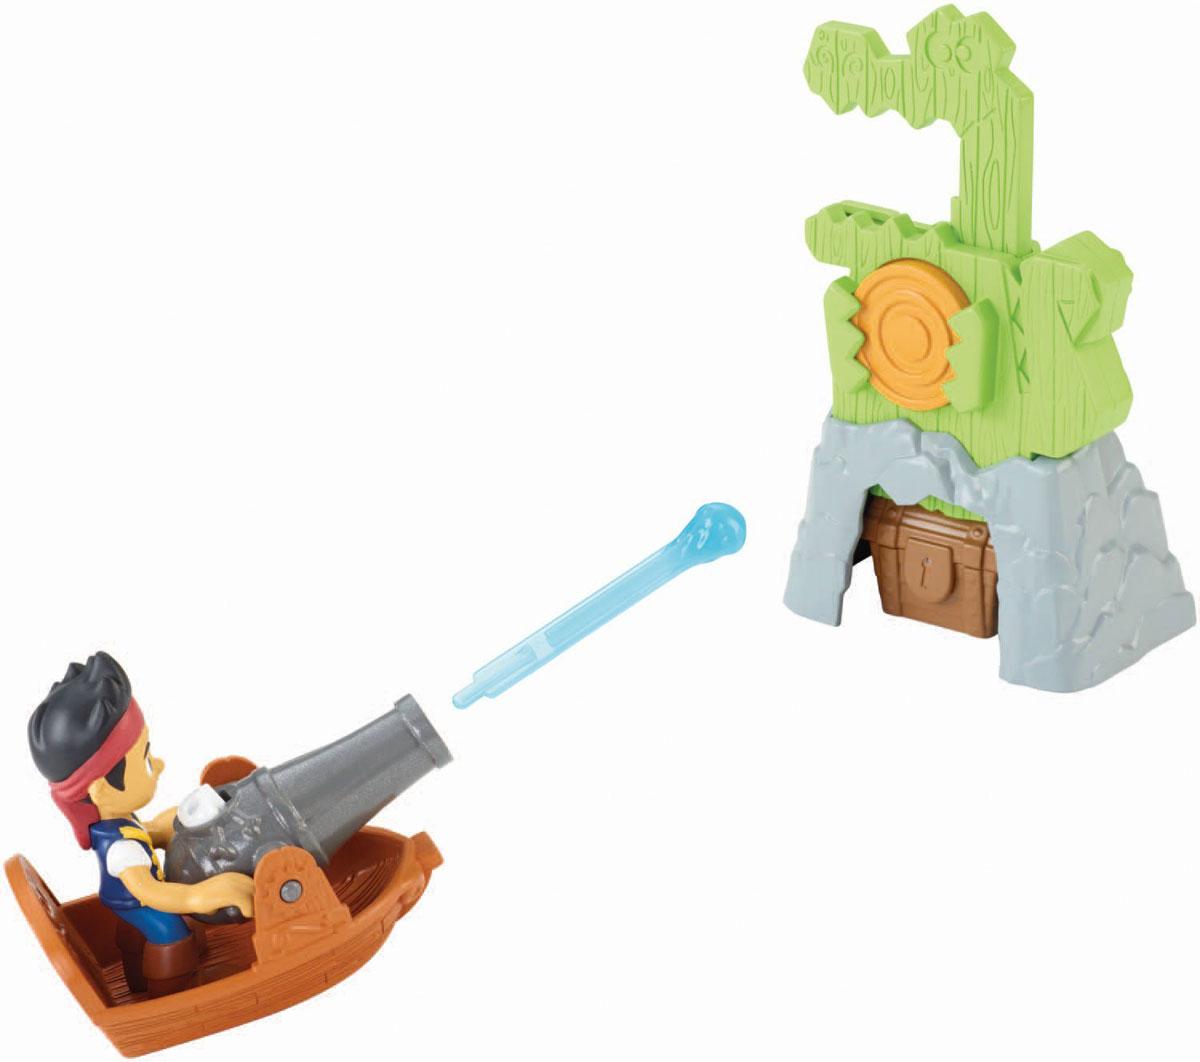 Jake & Neverland Pirates Игровой набор Пещера сокровищCCY75_CCY79Игровой набор Jake & Neverland Pirates Пещера сокровищ не позволит скучать вашему непоседе. Он выполнен из безопасного яркого пластика и включает игрушку в виде арки с мишенью, фигурку Джейка, сундук с сокровищем, лодку с пушкой и две стрелы. Мишень выполнена в виде крокодила с красным диском-кнопкой в руках. Необходимо зарядить пушку стрелой и нажать кнопку запуска. Малыш должен попасть стрелой в кнопку в лапах крокодила. При попадании верхняя часть крокодила поднимается, открывая арку. Ваш ребенок с удовольствием будет играть вместе с любимым героем, придумывая увлекательные истории. Порадуйте его таким замечательным подарком!